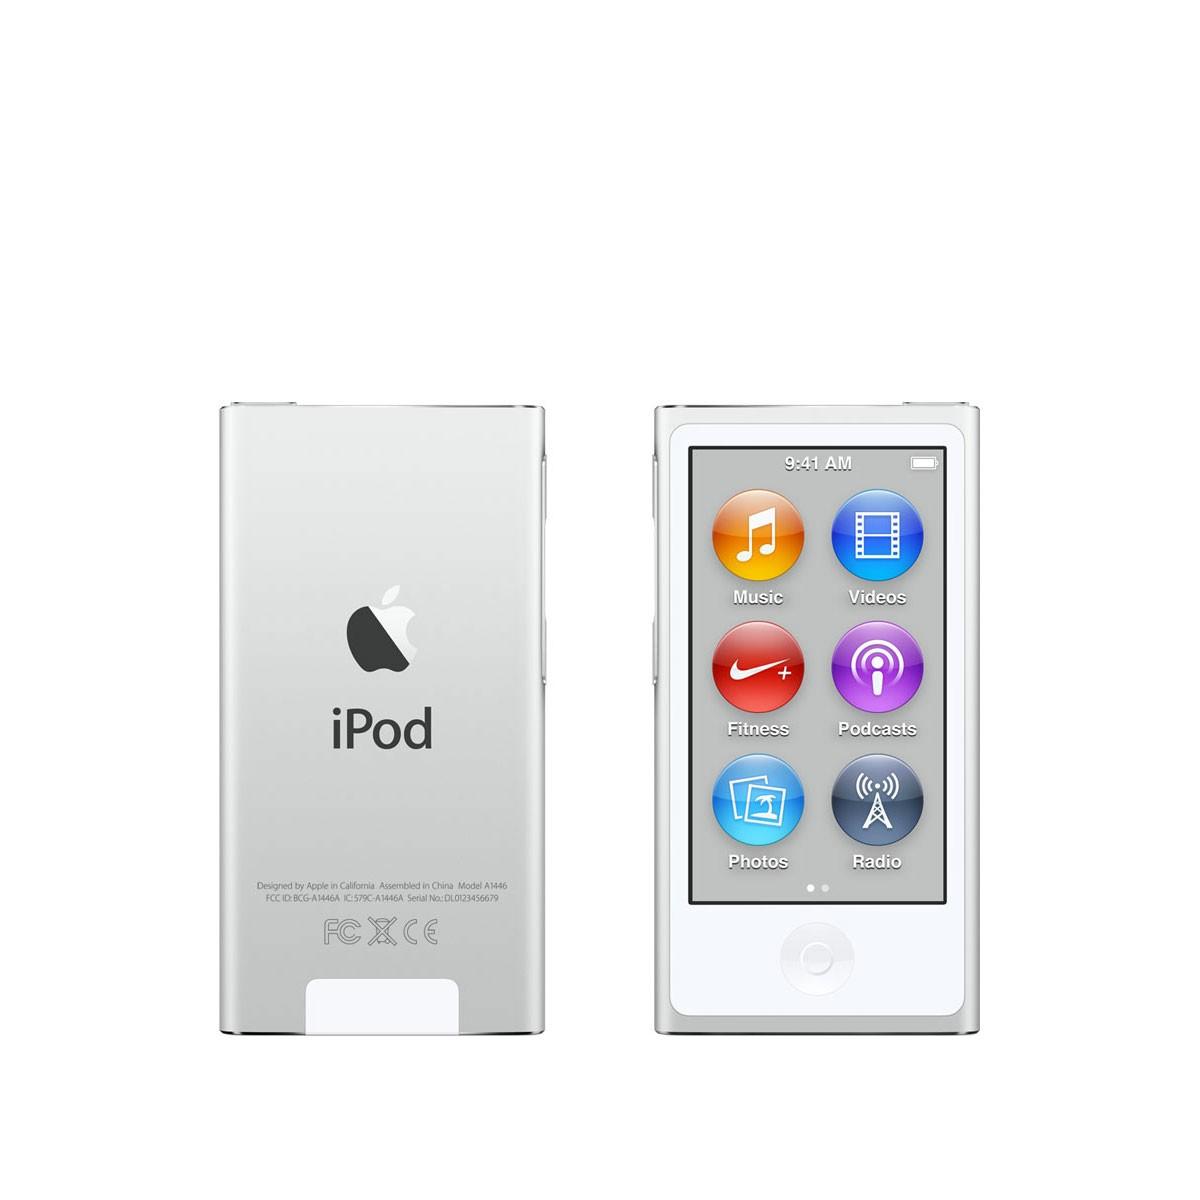 Сребрист Apple iPod nano плейър 8-мо поколение с 16 GB памет